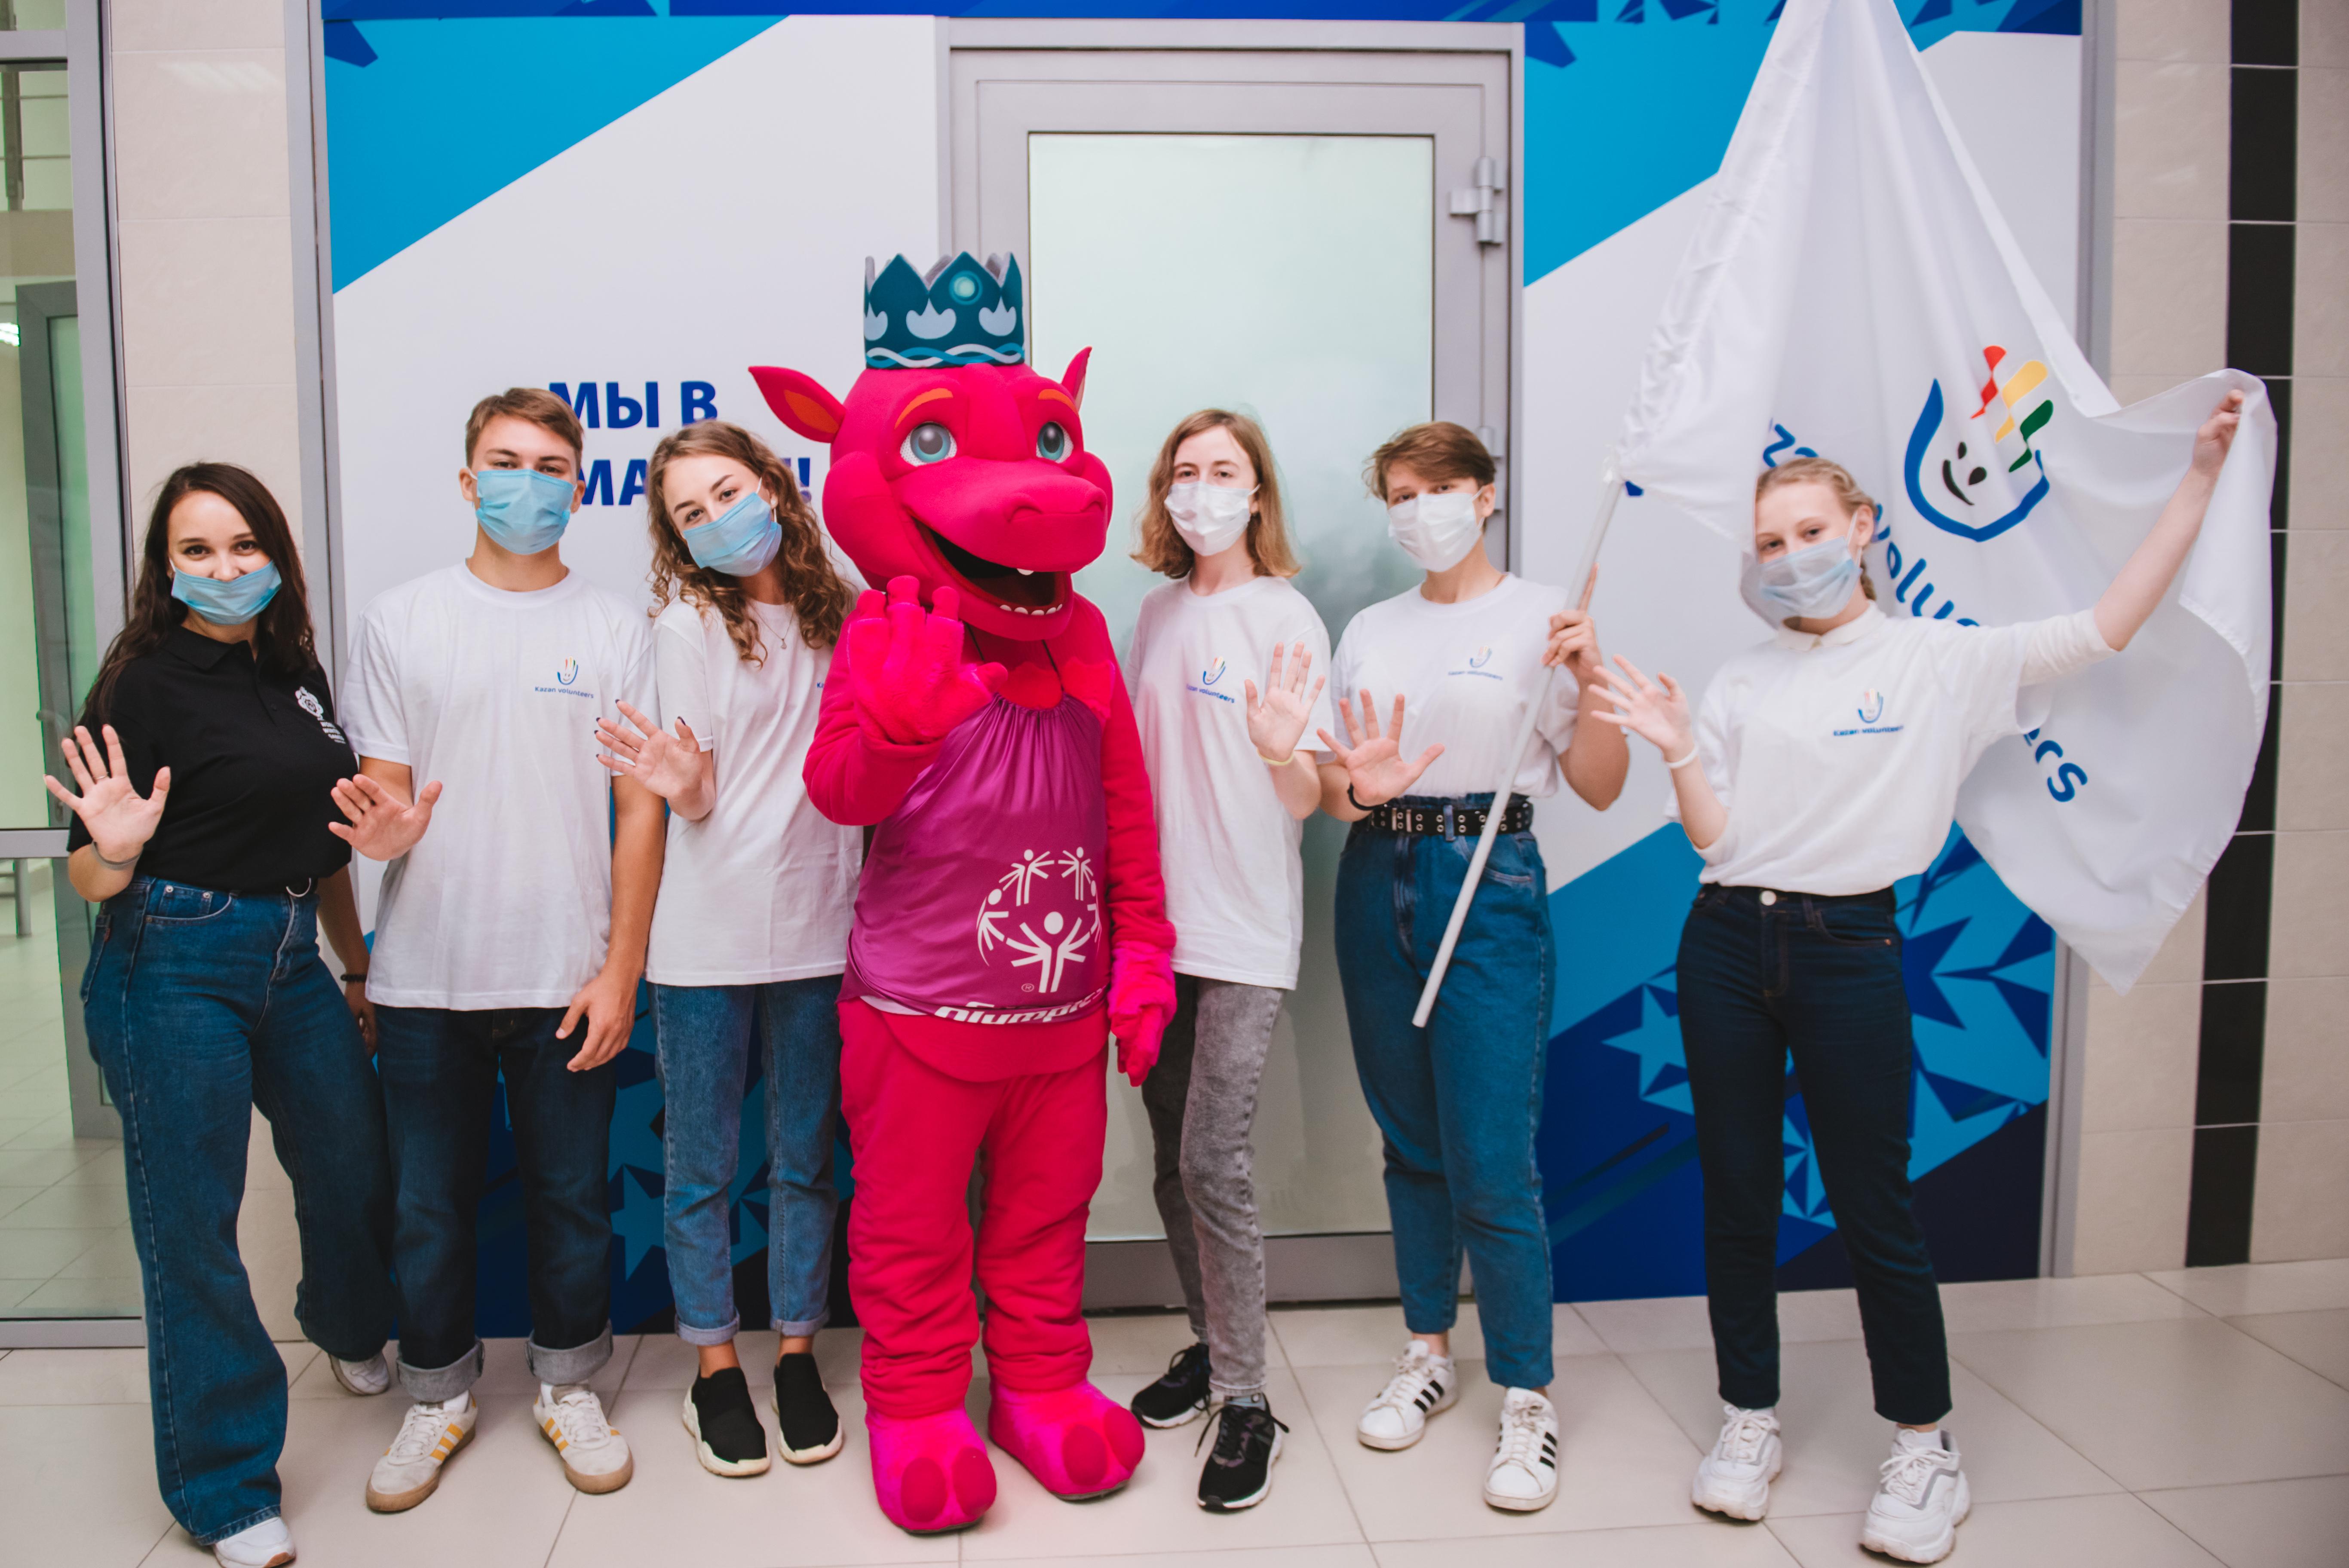 В Казани открылся Центр рекрутинга волонтеров Всемирных зимних игр Специальной Олимпиады 2022